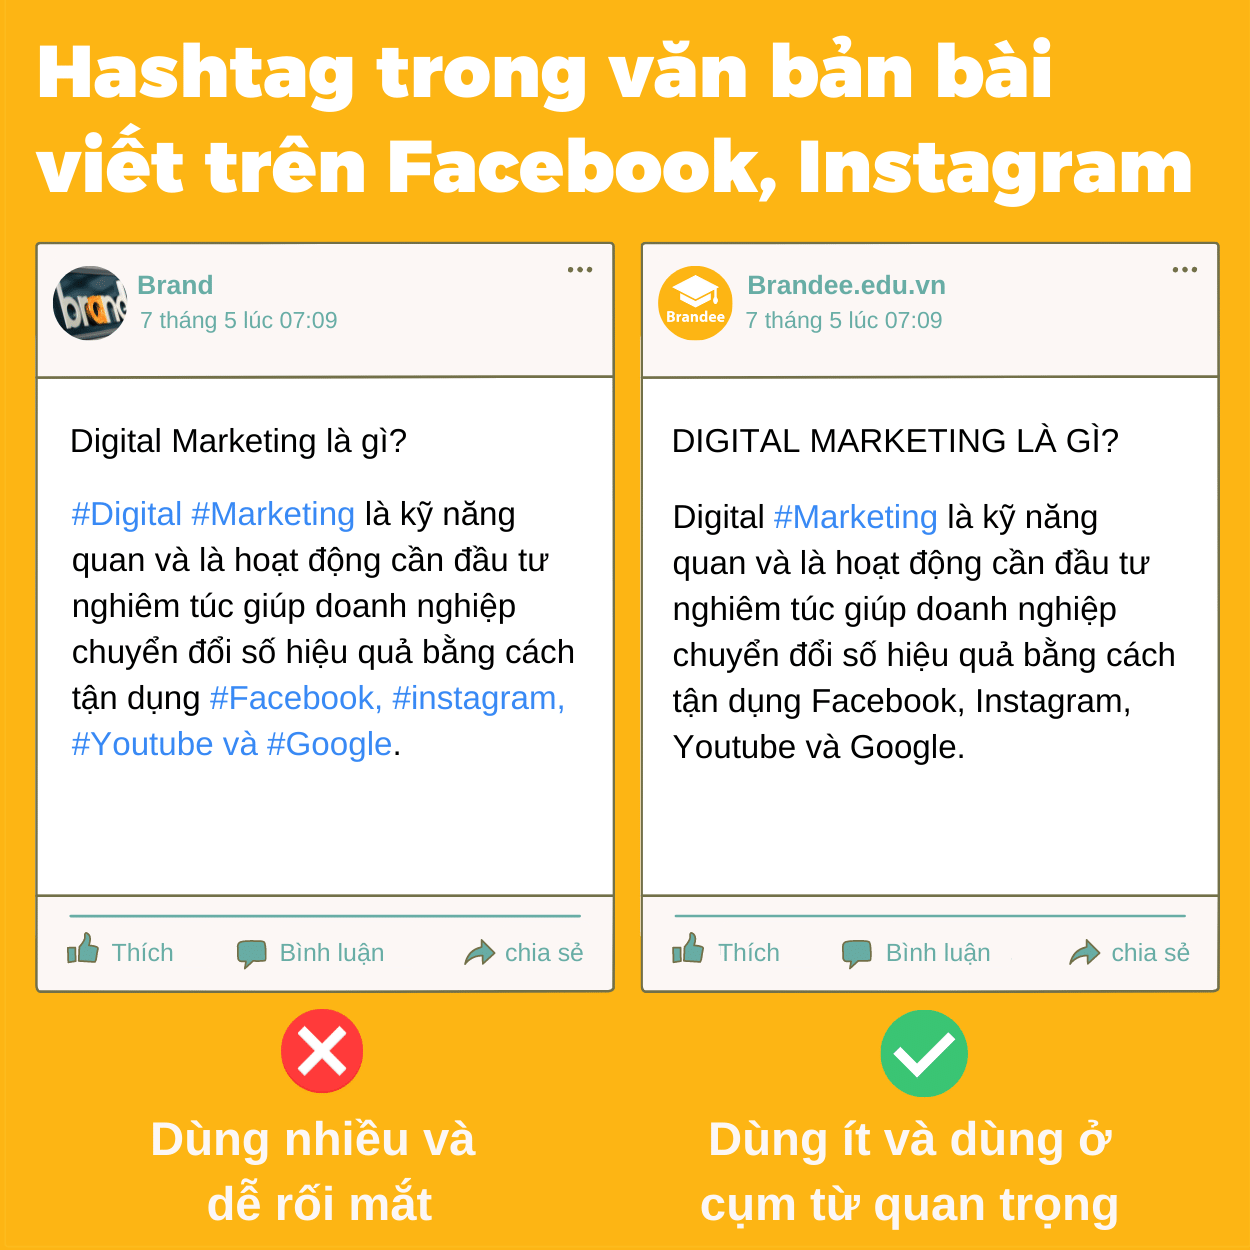 Hashtag trong văn bản bài viết trên Facebook, Instagram